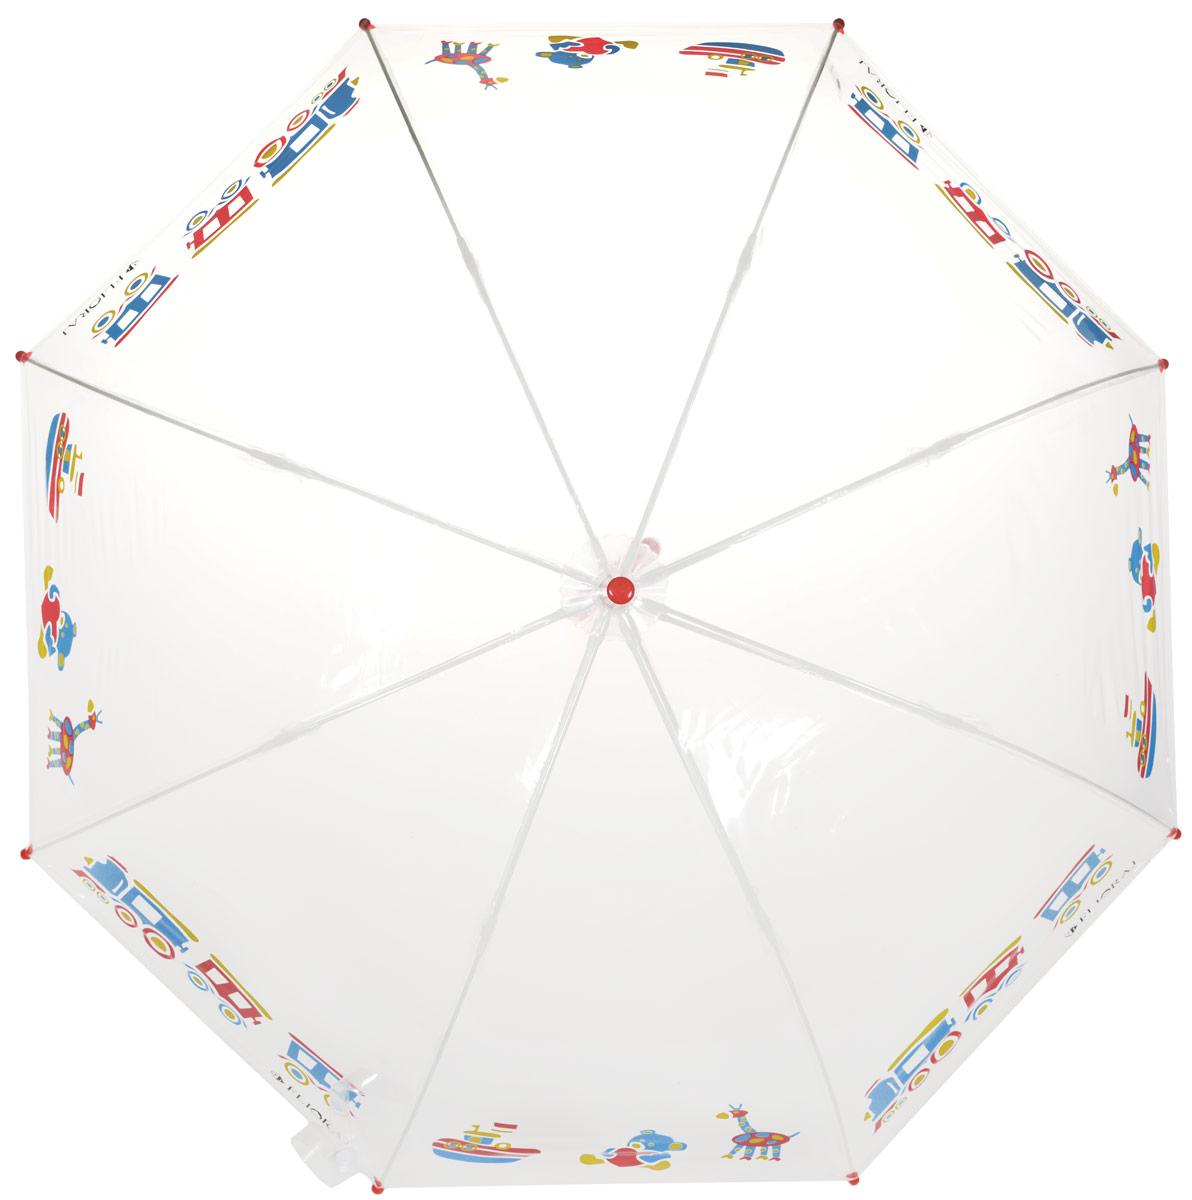 Зонт-трость детский Flioraj, механика, цвет: прозрачный, мультиколор. 051211051211 FJМеханический, прочный детский зонт - надежная защита в непогоду. Прозрачный купол с интересным, проявляющимся рисунком подчеркнет индивидуальность вашего ребенка. Для удобства предусмотрена безопасная технология открывания и закрывания зонта. Спицы зонта изготовлены из долговечного, но при этом легкого фибергласса, что делает его ветроустойчивым и прочным. Купол зонта выполнен из высокотехнологичного инновационного материала нового поколения ПОЭ, который не имеет посторонних запахов и не требует дополнительных обработок тальком. Зонт прозрачный, а значит, ребенок сможет контролировать обстановку вокруг себя и избегать возникновения опасных ситуаций.